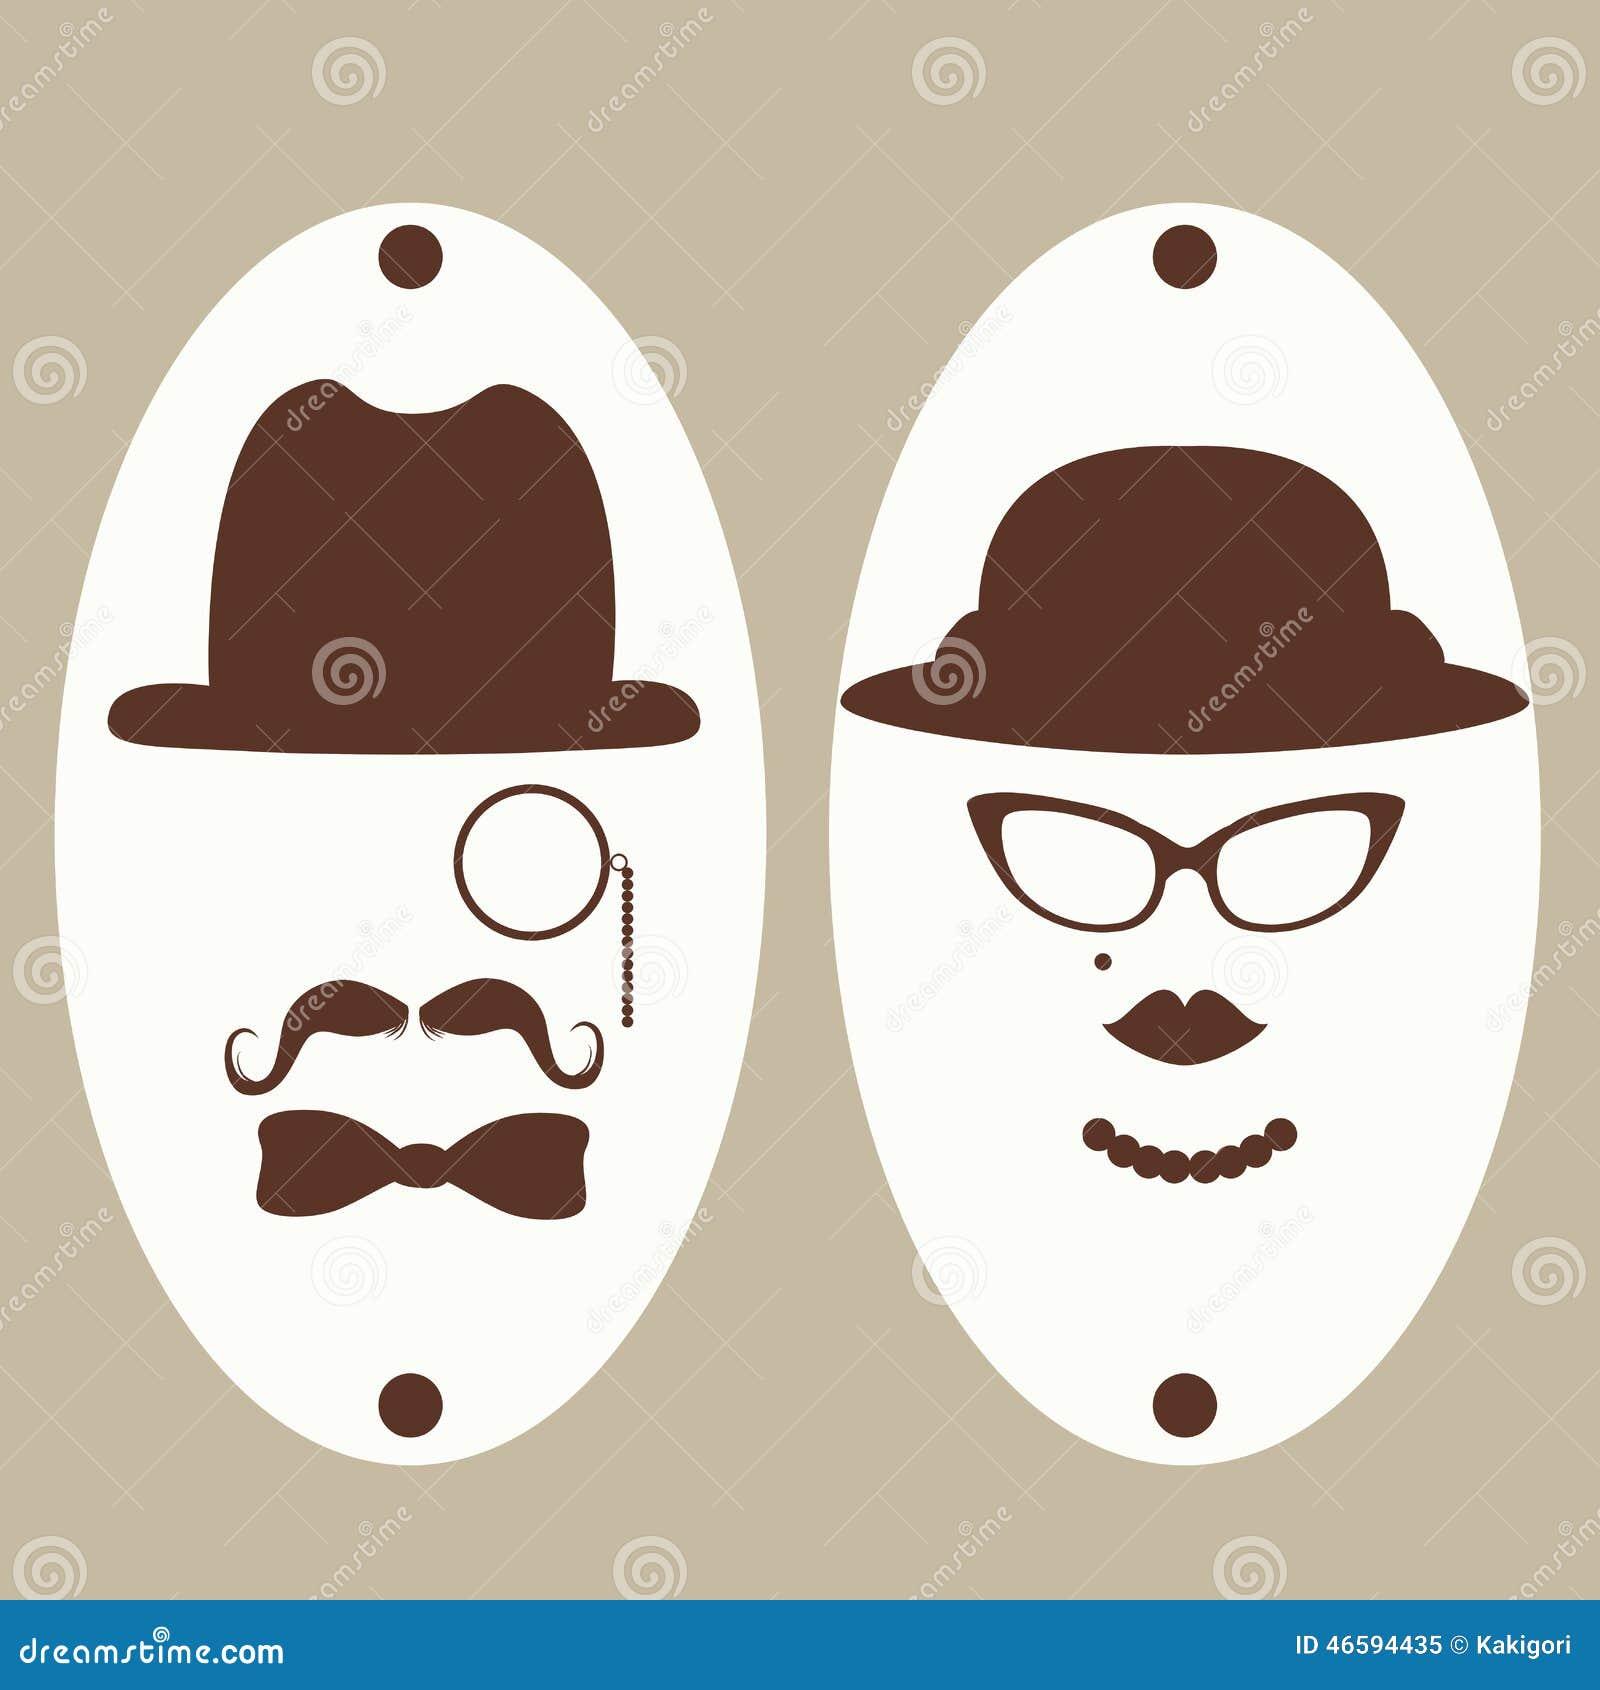 Gentleman And Ladies Toilet Symbols Stock Vector Image 46594435